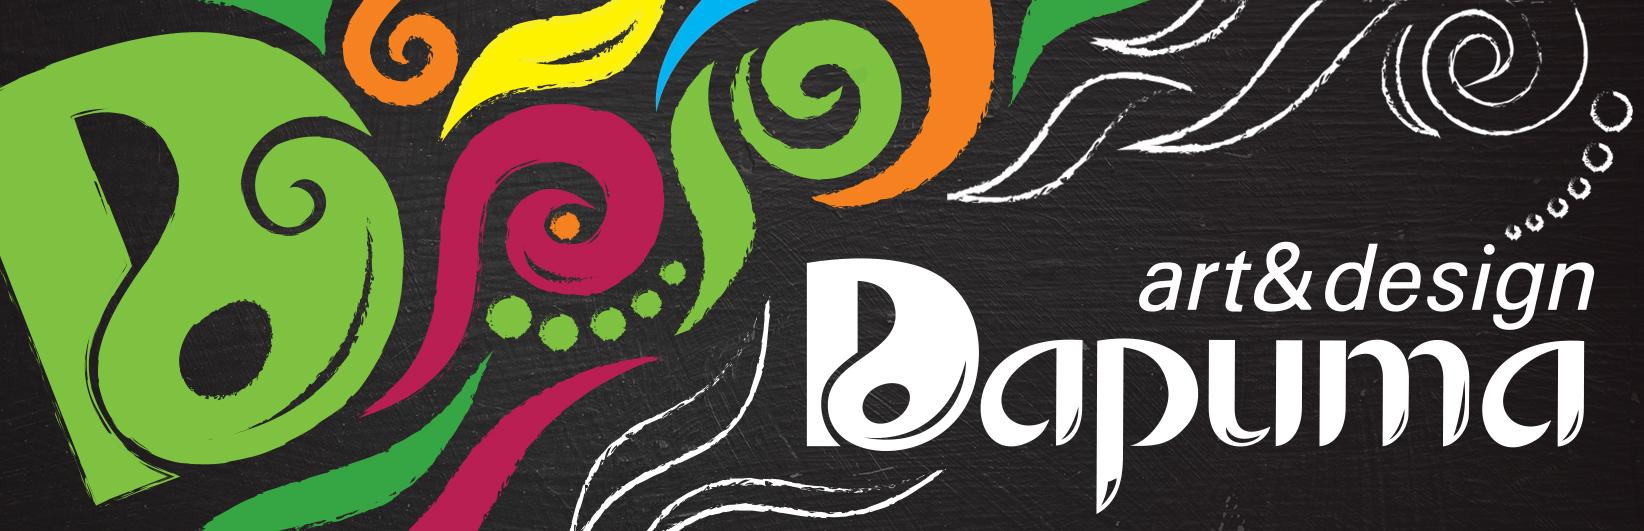 Творческо студио Дарита и Студио за графичен дизайн Дарита